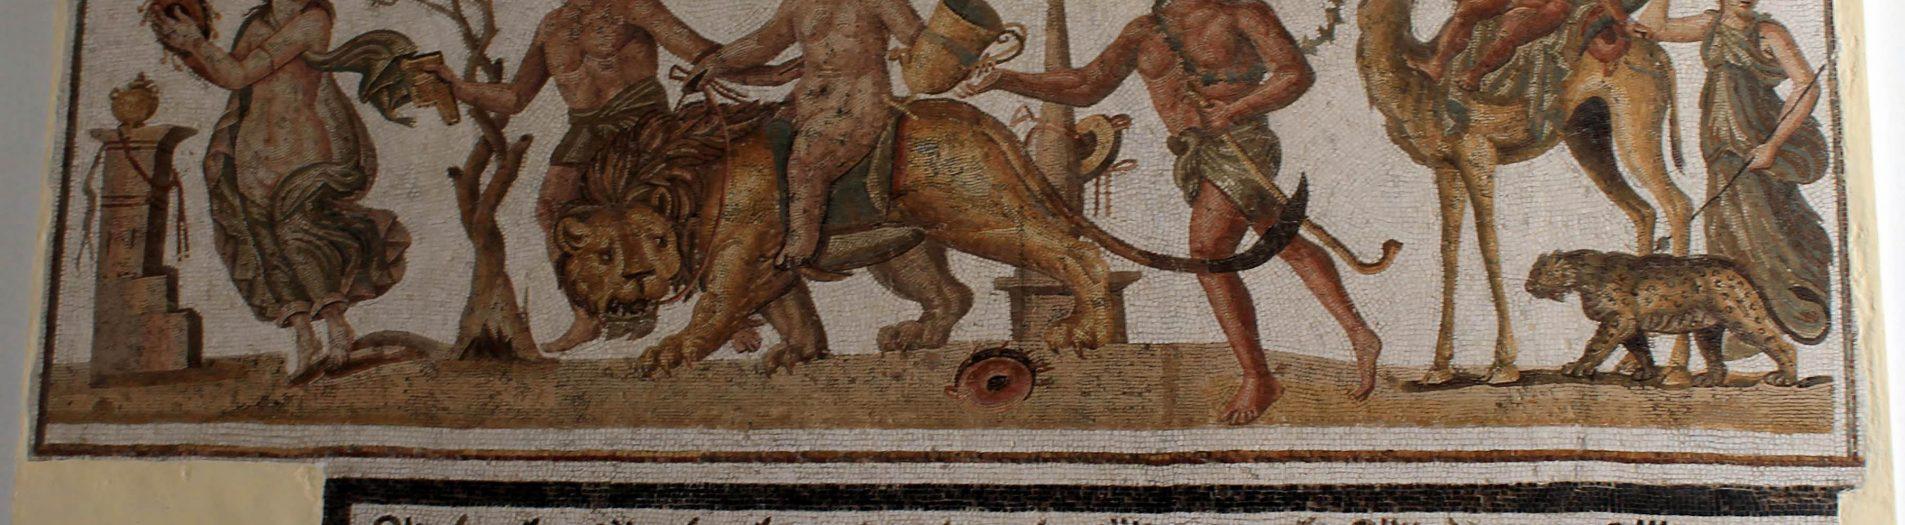 Les sujets dionysiaques dans la mosaïque romaine de la Tunisie